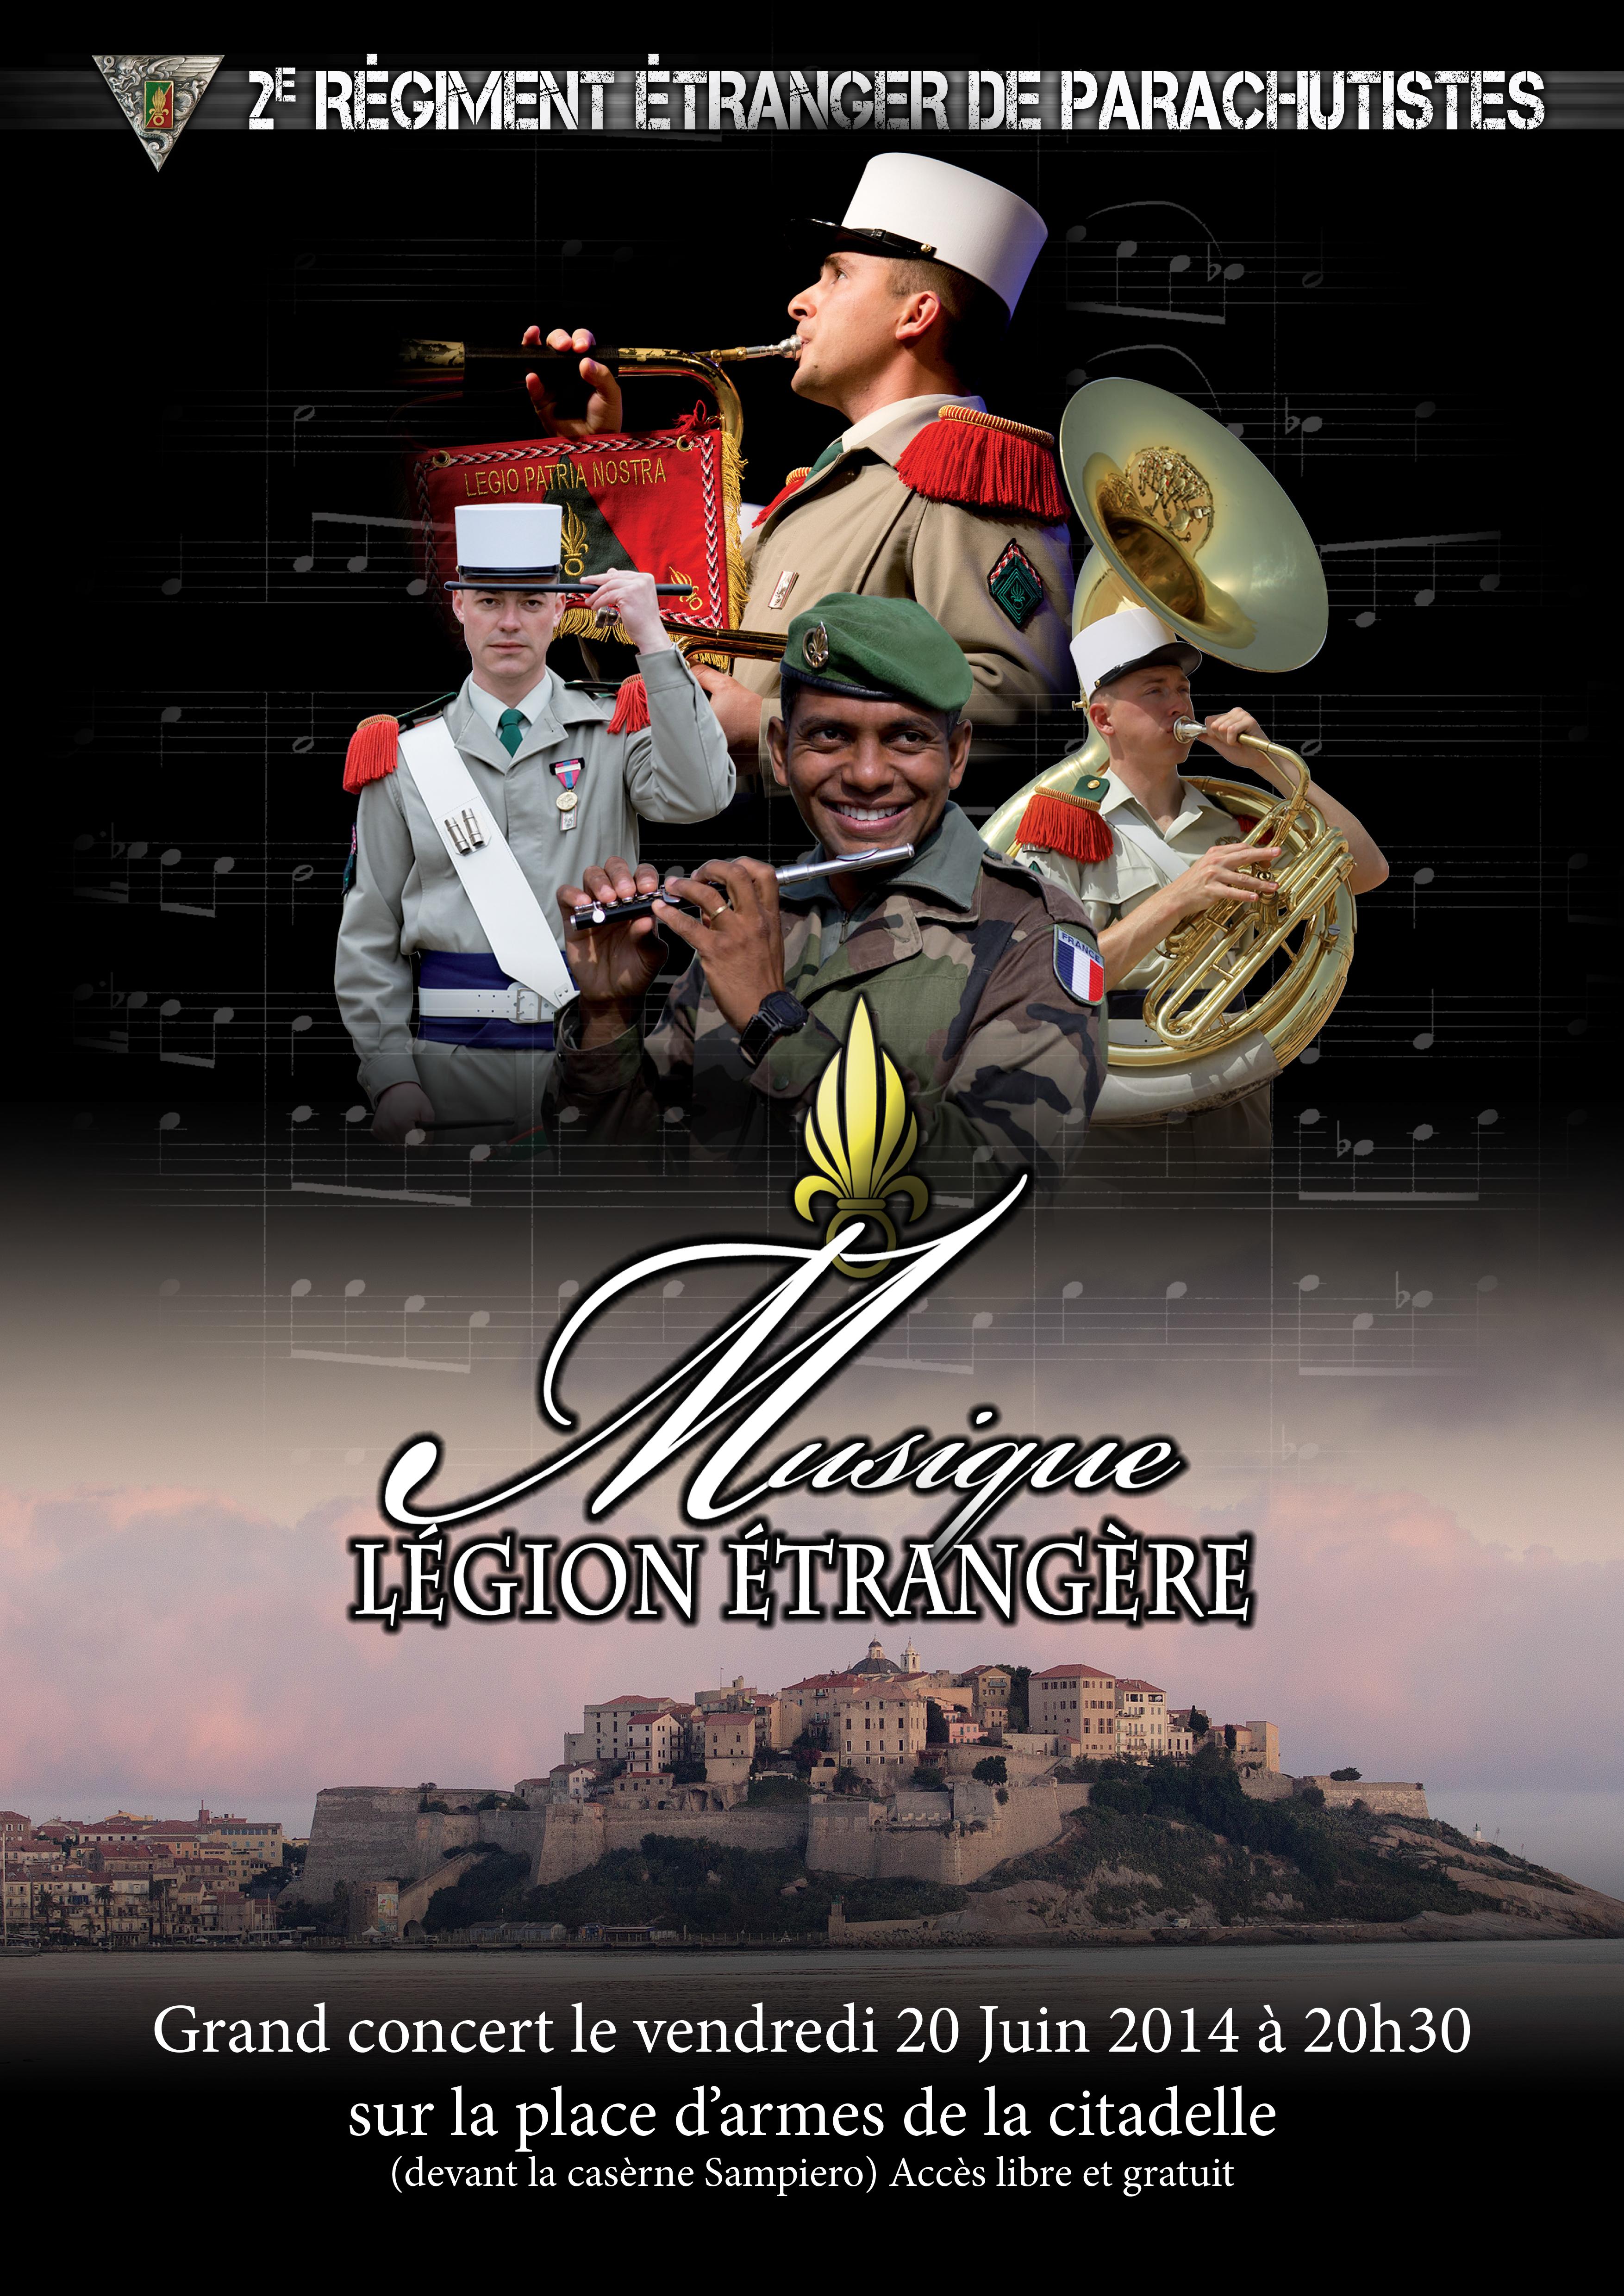 Concert gratuit de la Musique de la Légion Etrangère dans la citadelle de Calvi